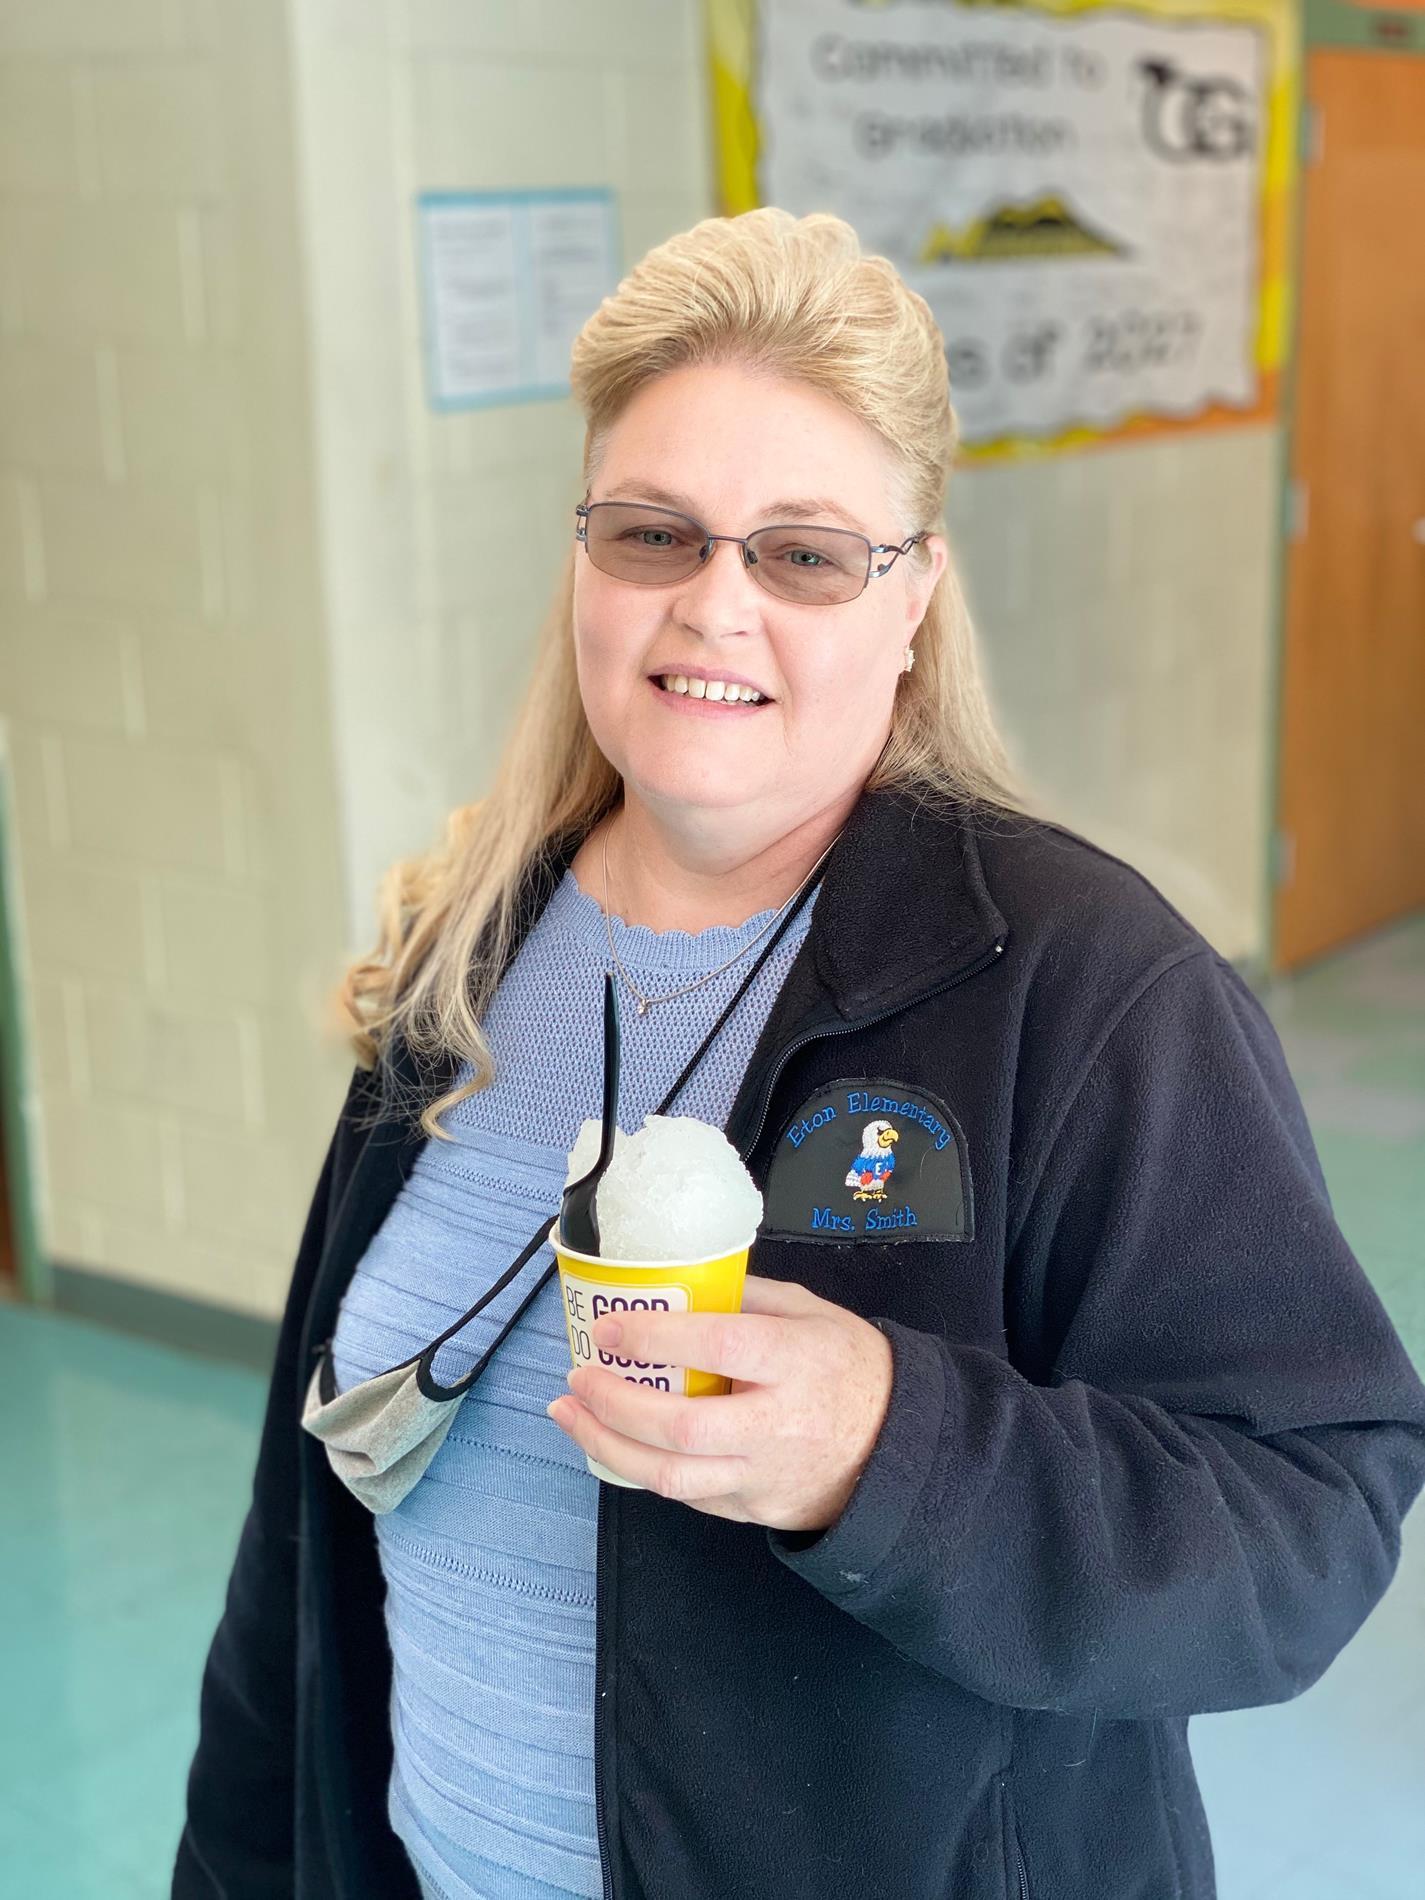 Mrs. Marsha Smith - 6th grade